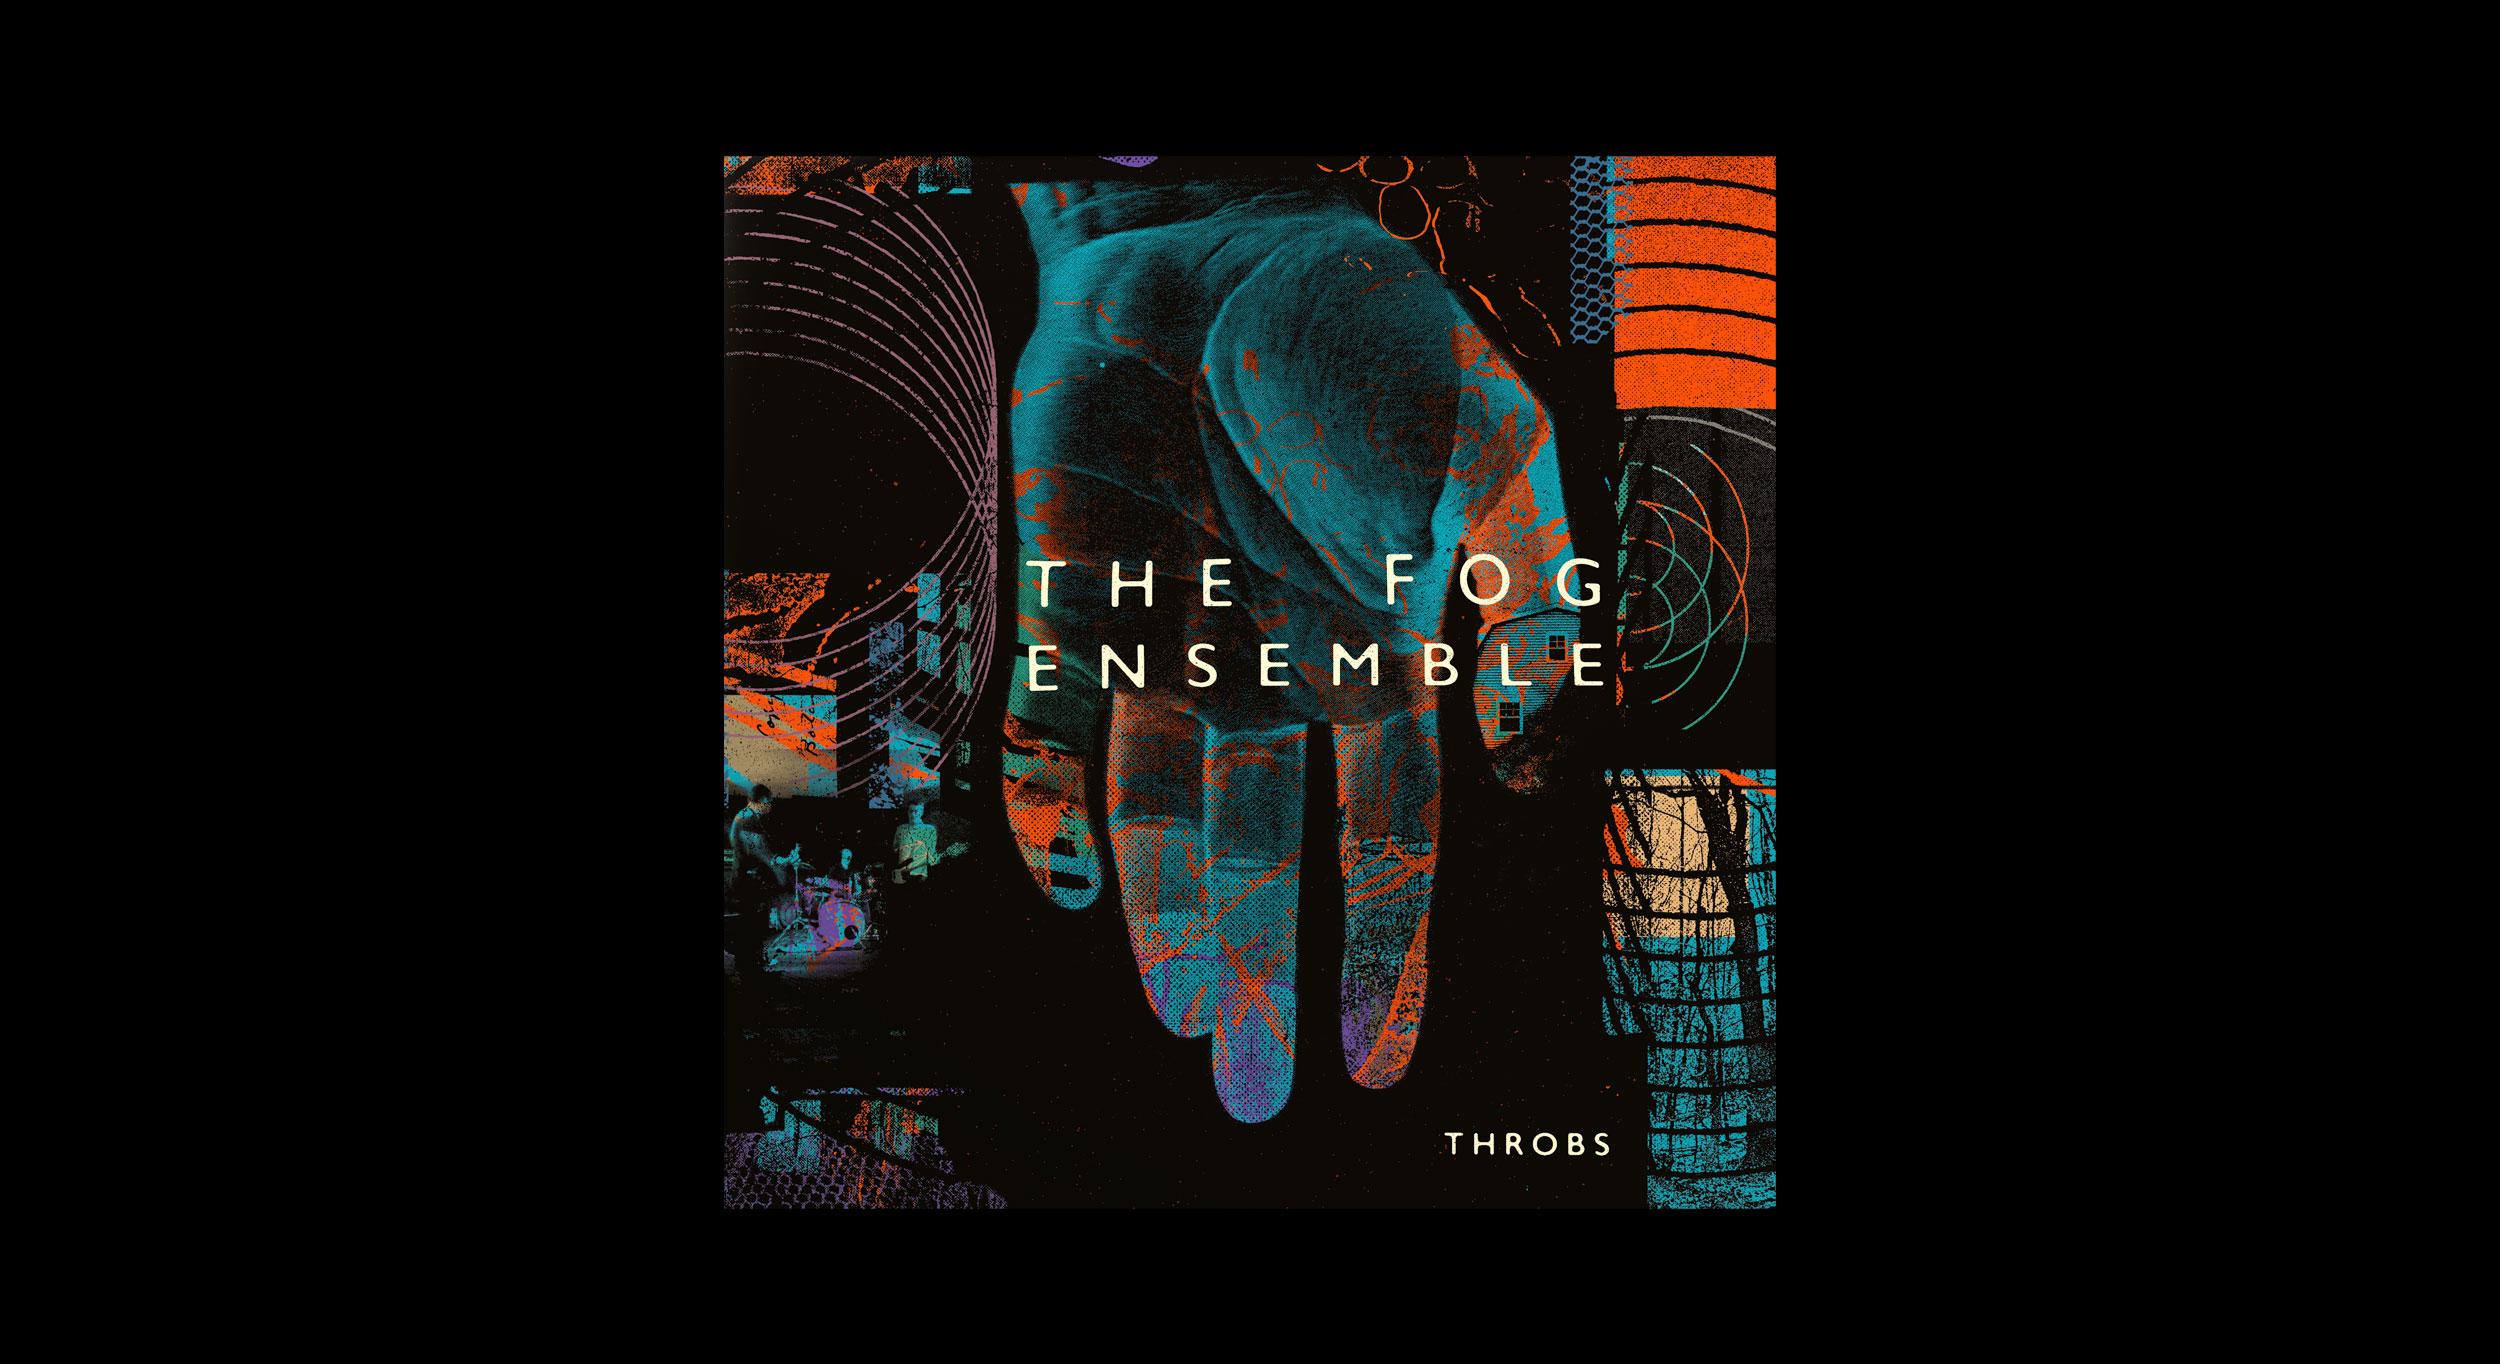 The Fog Ensemble – Throbs